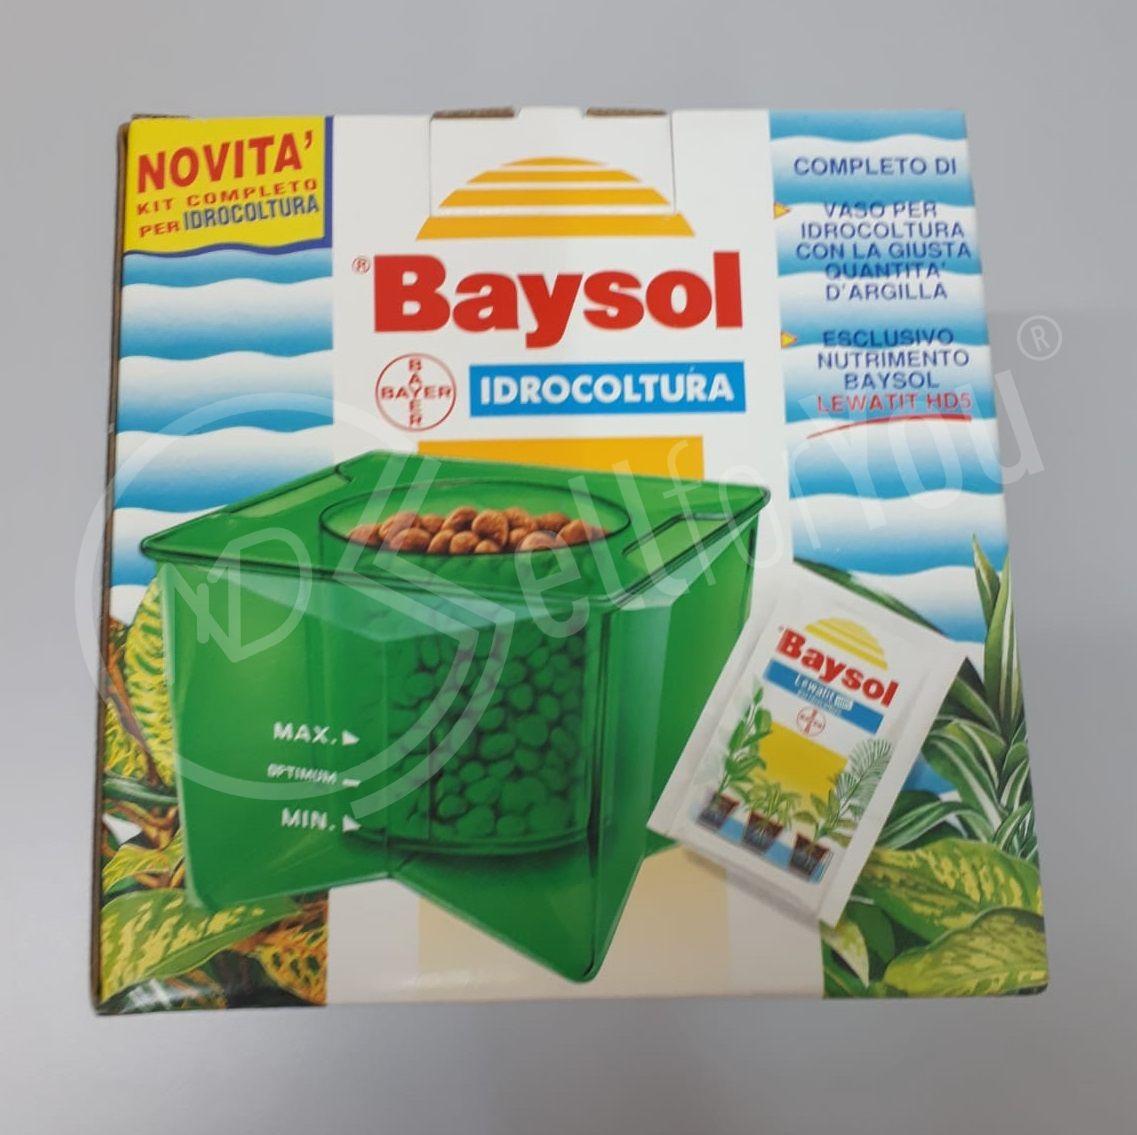 sellforyou immagine default articolo correlato non trovatoKit completo Idrocultura Idroponica Baysol Bayer